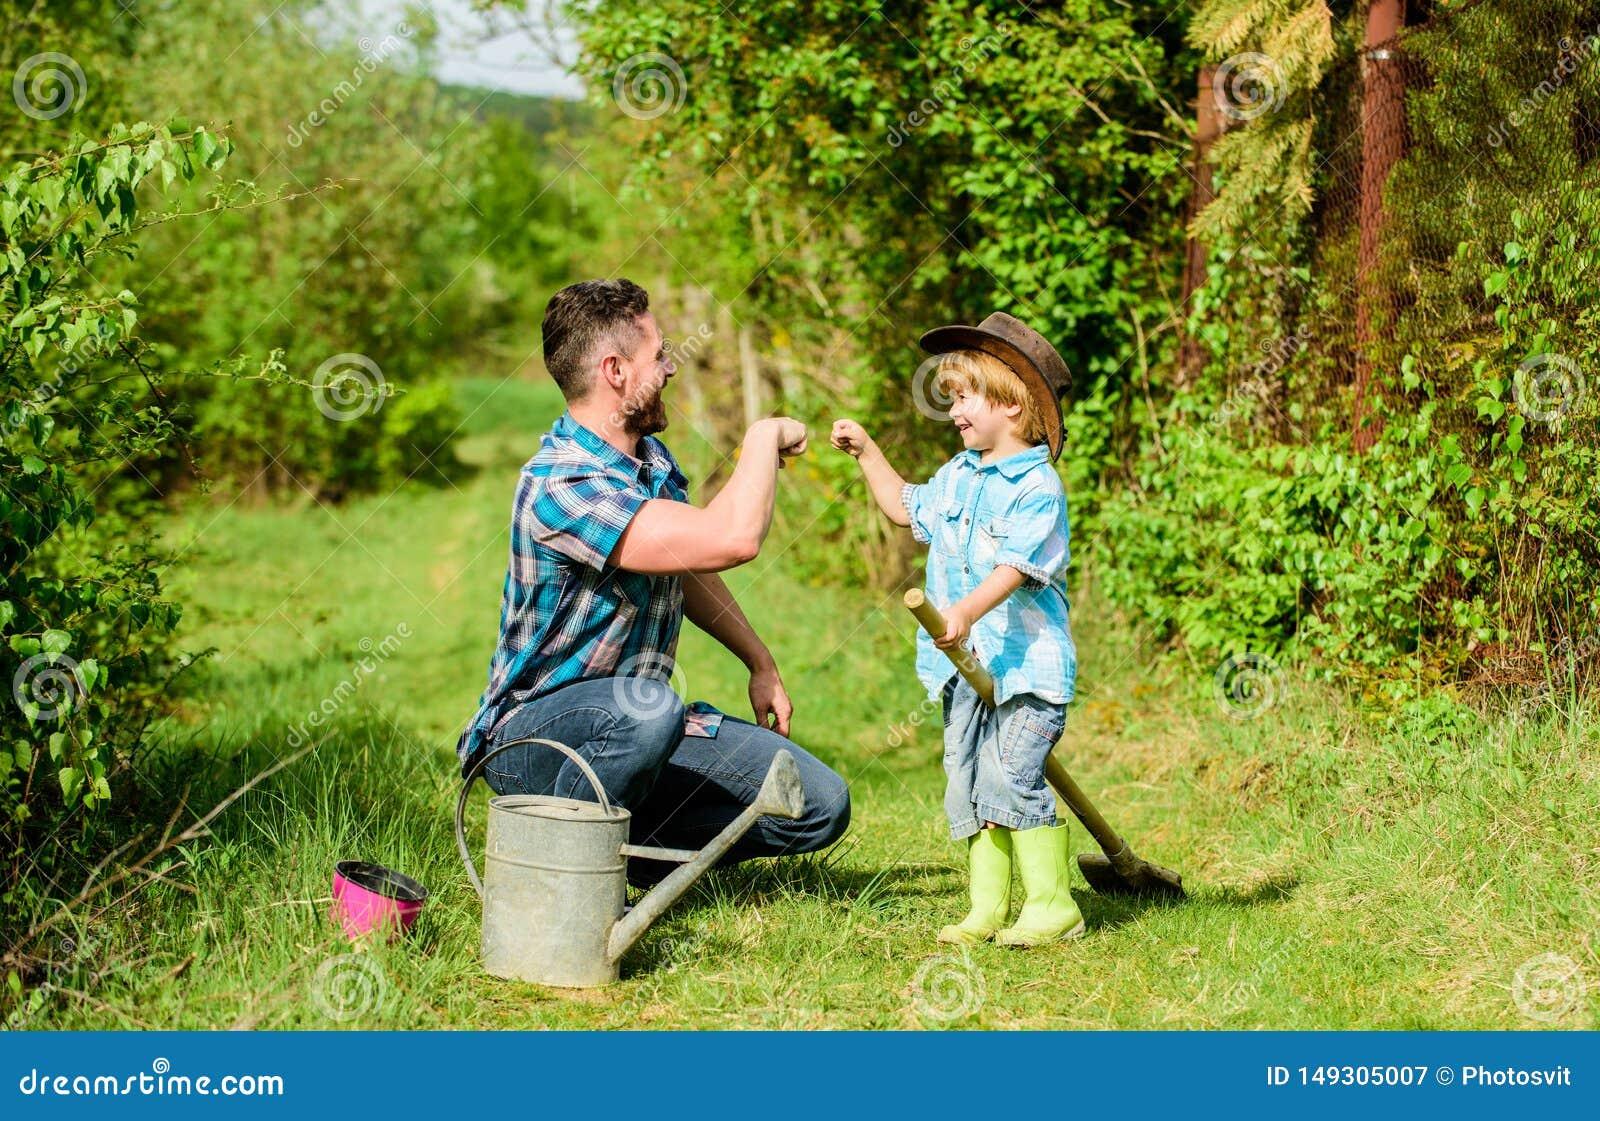 Kleiner Jungenkinderhilfsvater bei der Landwirtschaft Eco-Bauernhof Vater und Sohn im Cowboyhut auf Ranch Benutzen Sie Gie?kanne